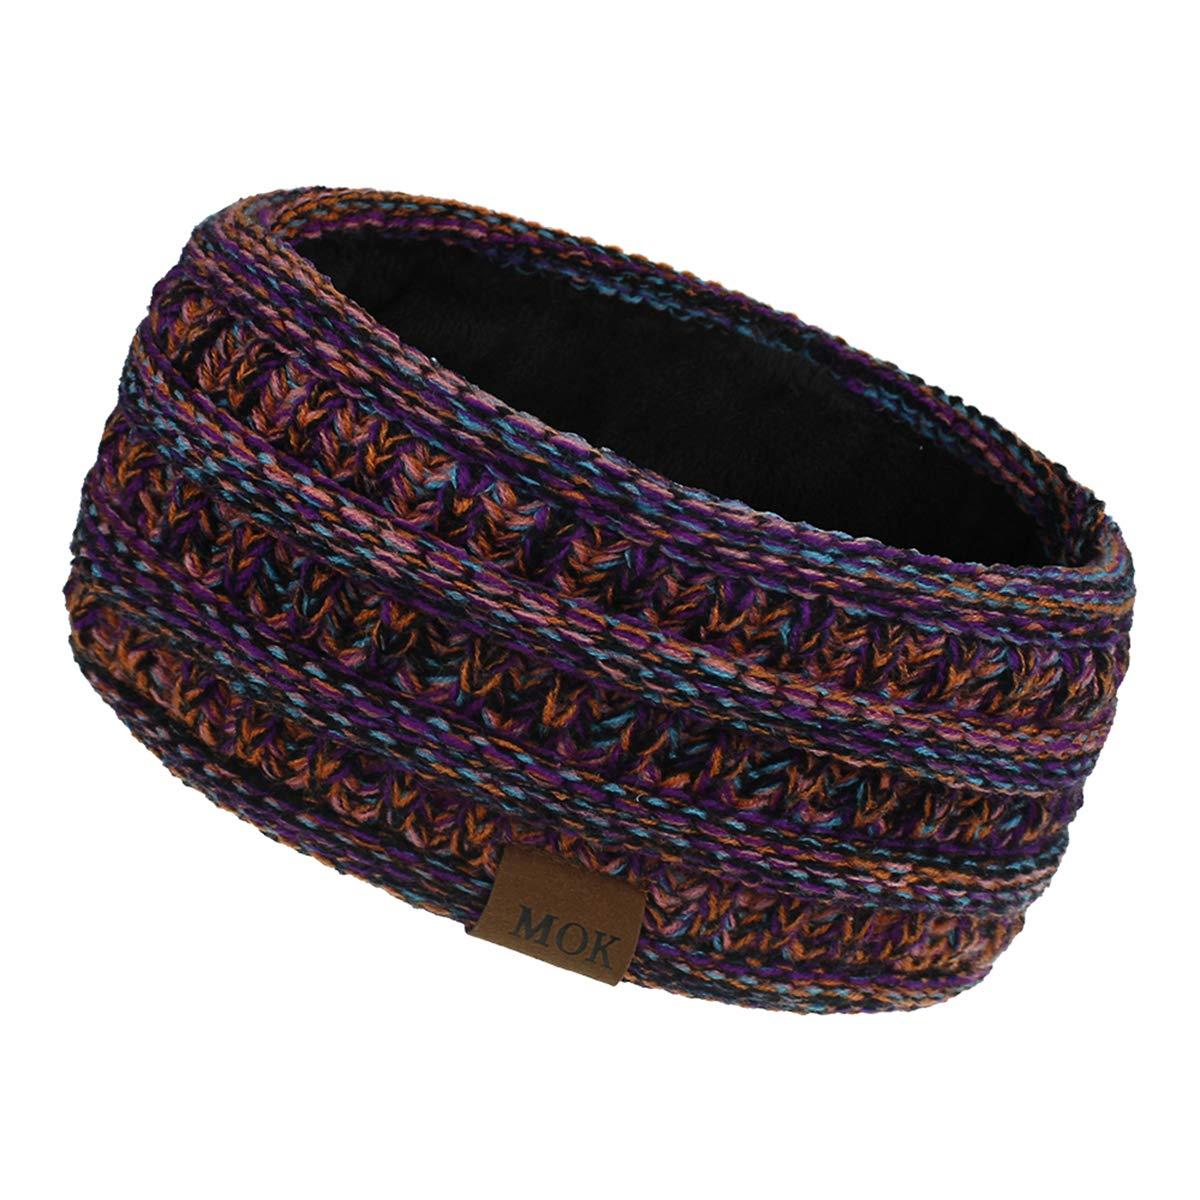 DaMohony Women Knit Fleece Lined Headband, Warm Winter Ear Warmer Headband